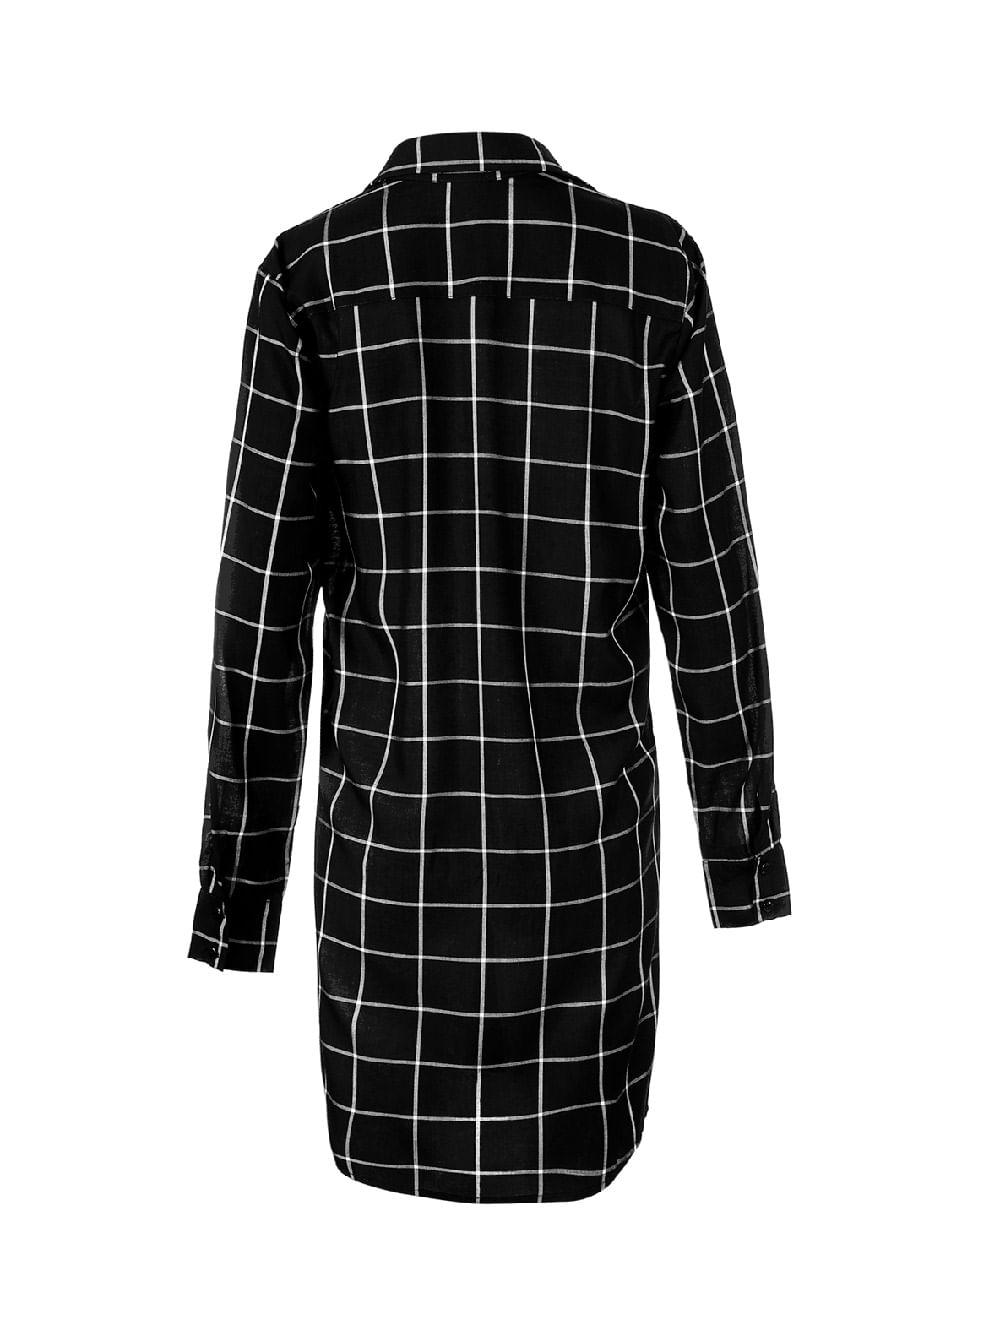 4445a04c2 ... vestido-camisao-xadrez-para-usar-como-camisola-56799